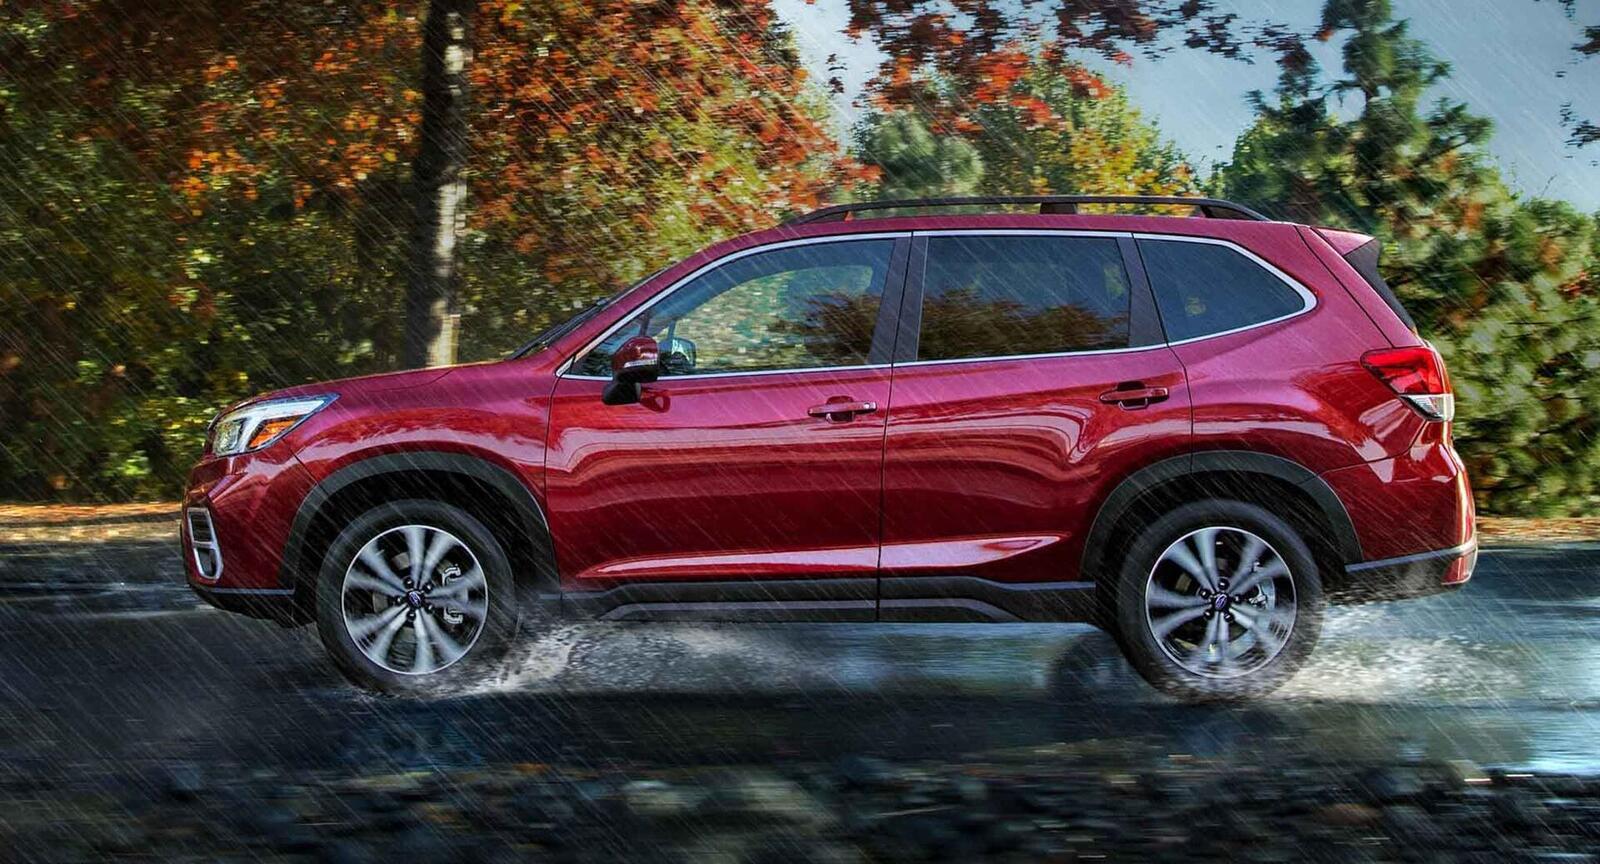 Sự khác biệt giữa Subaru Forester thế hệ mới và cũ - Hình 5